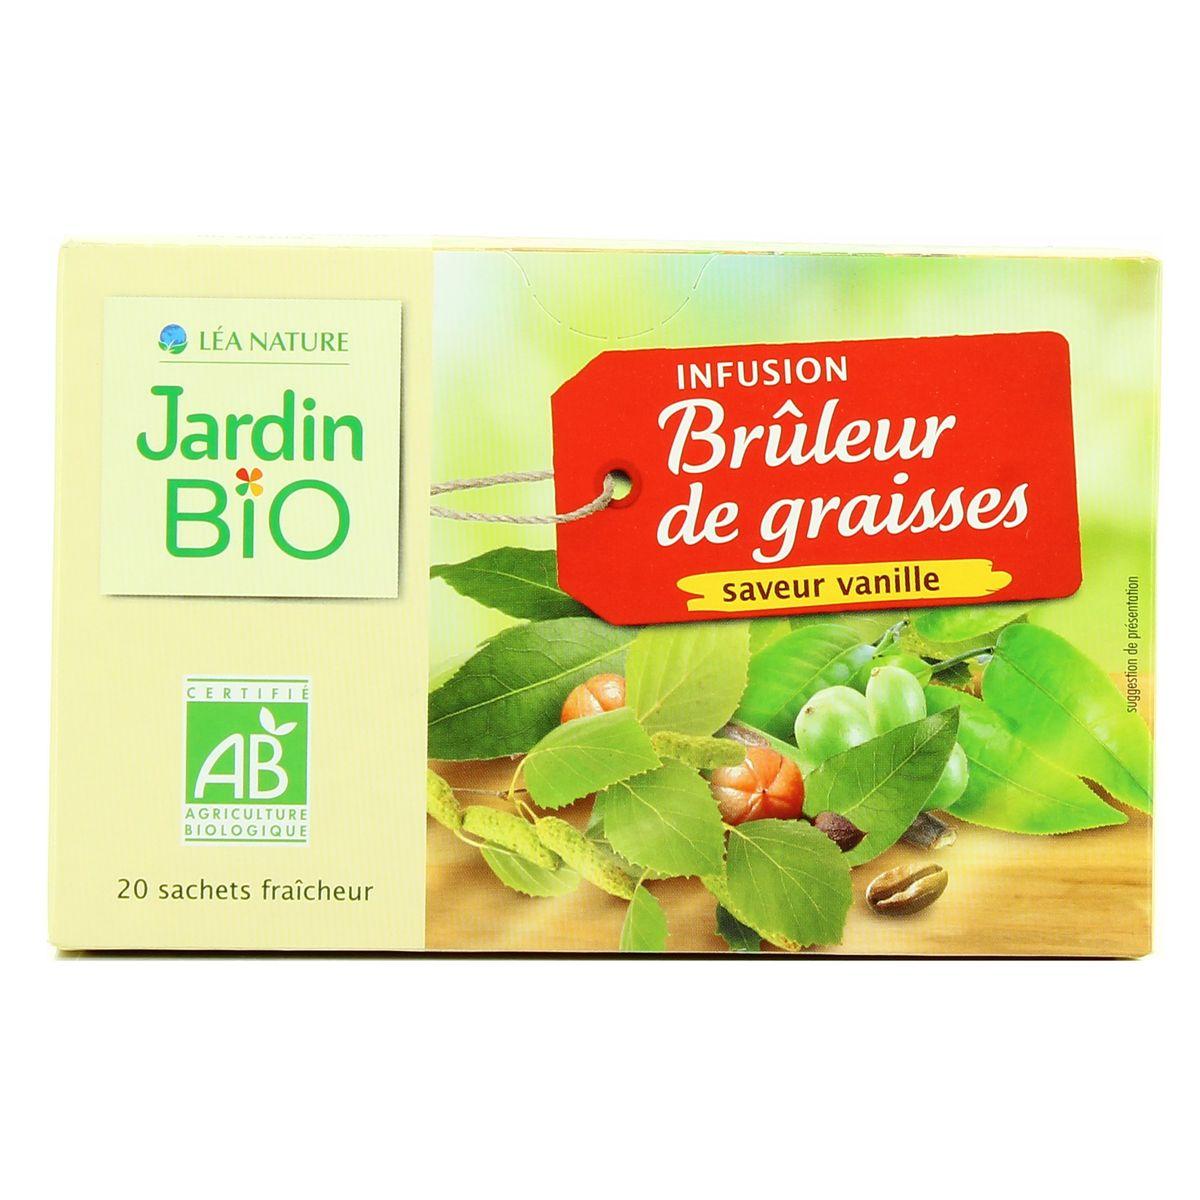 Jardin Bio Infusion Bio Brûleur De Graisses Saveur Vanille, 20 Sachets tout Infusion Jardin Bio